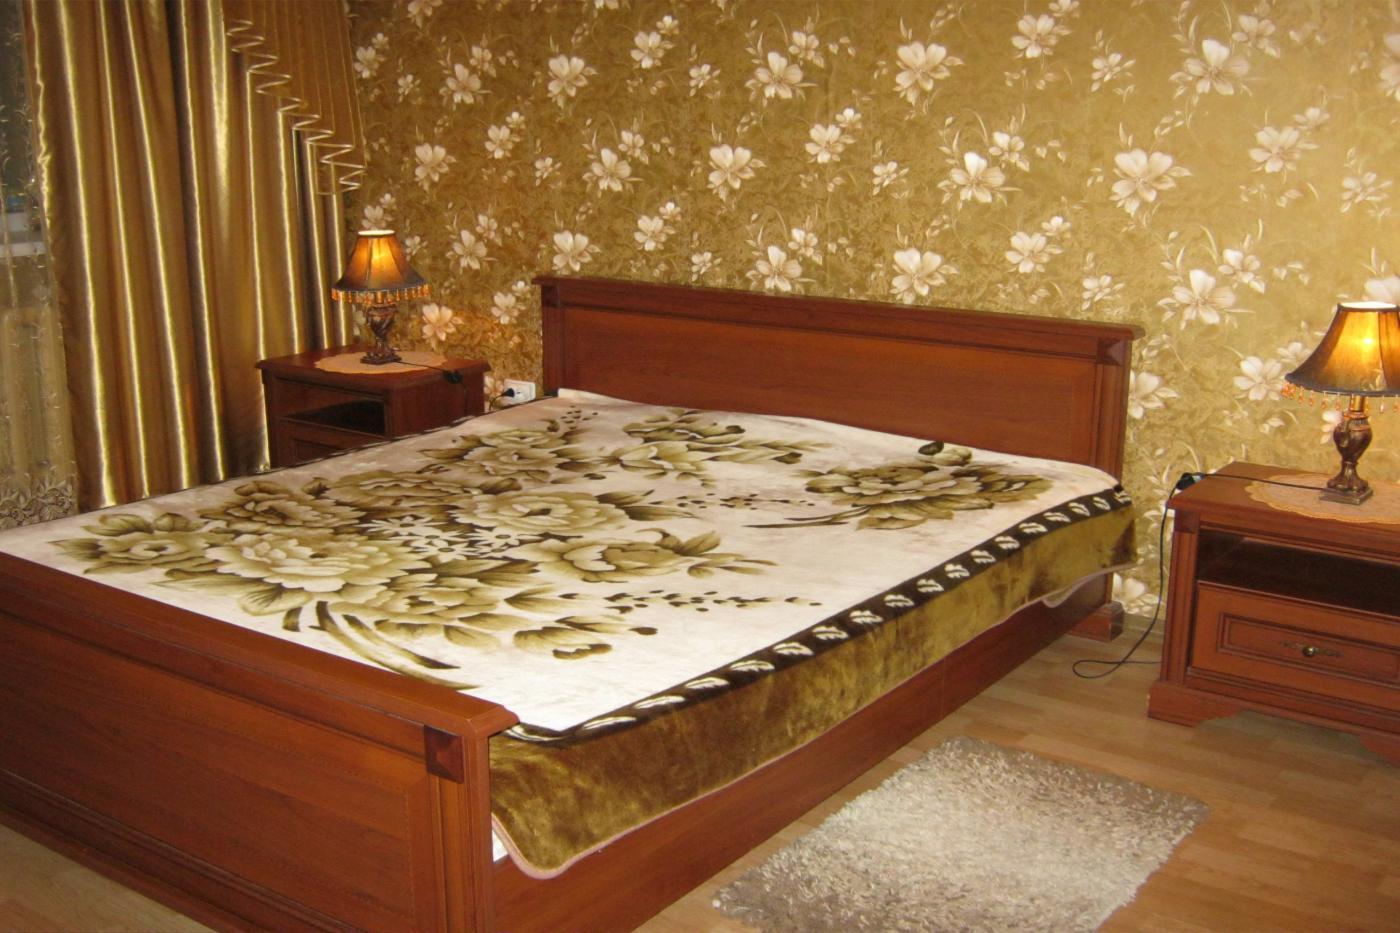 3-комнатная квартира посуточно (вариант № 1546), ул. Героев Сталинграда проспект, фото № 4